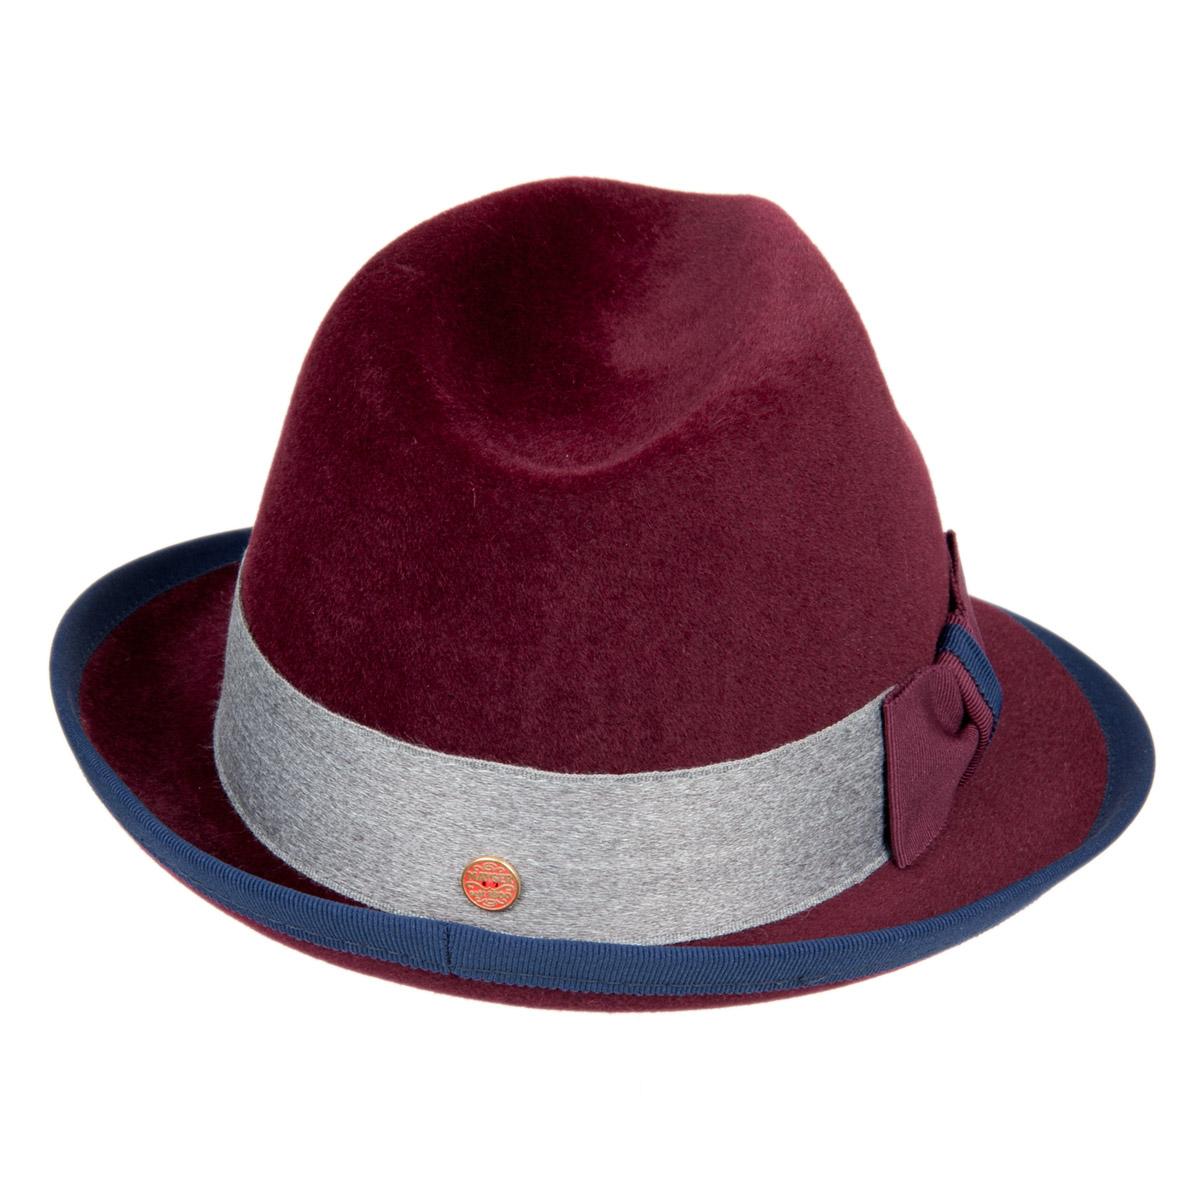 ... Lilo cappello da donna con tesa piccola firmata MAYSER ... d83cda99e858